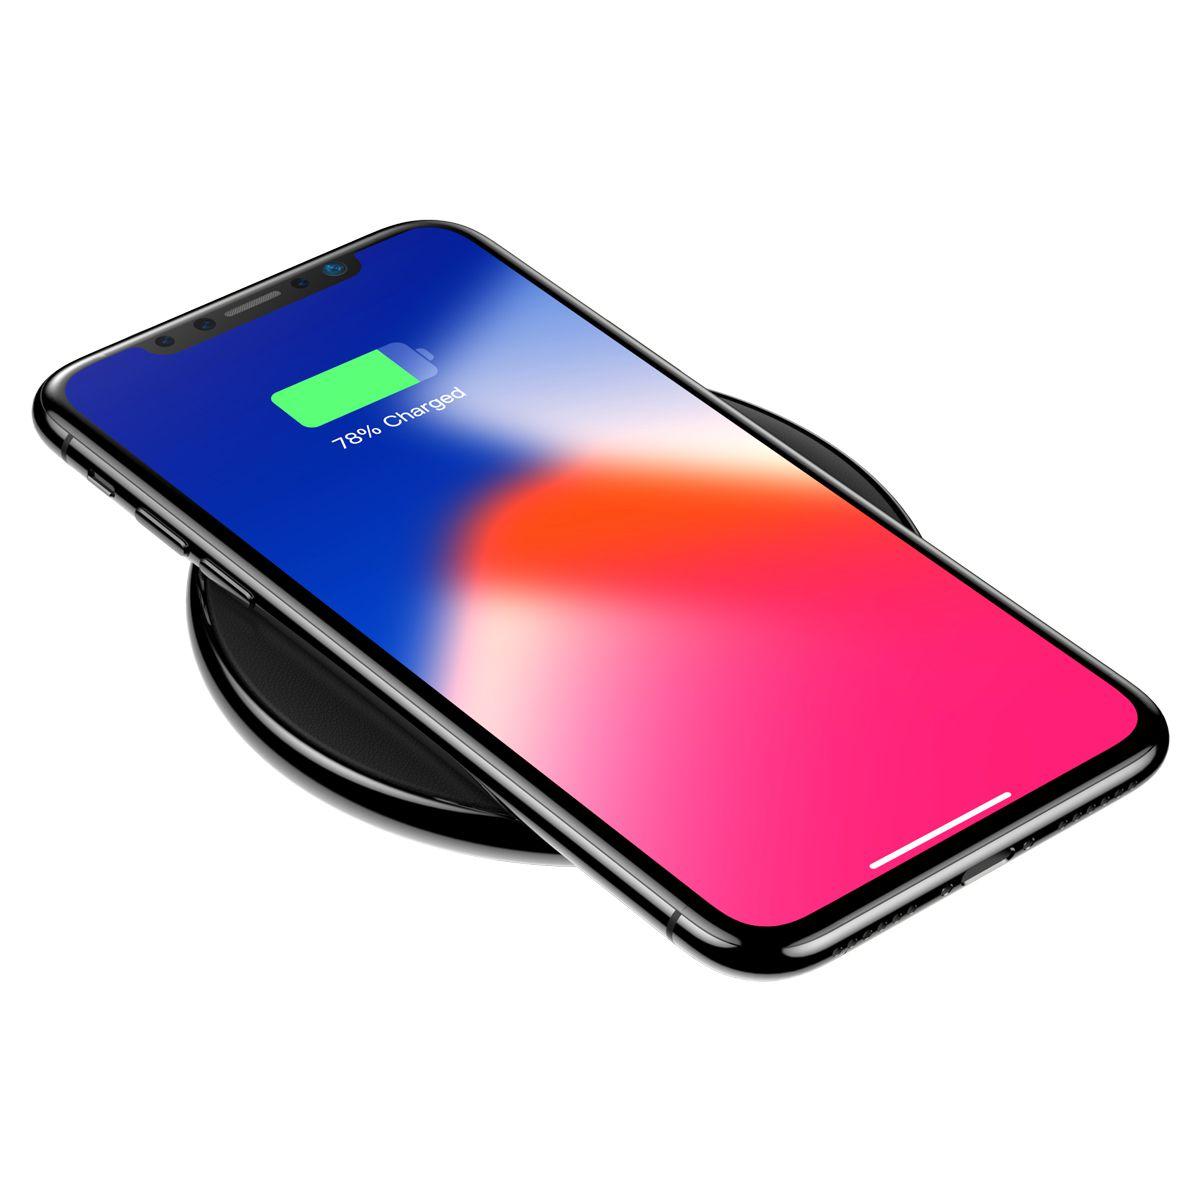 Carregador Sem Fio Redondo Baseus para iPhone X e Smartphones